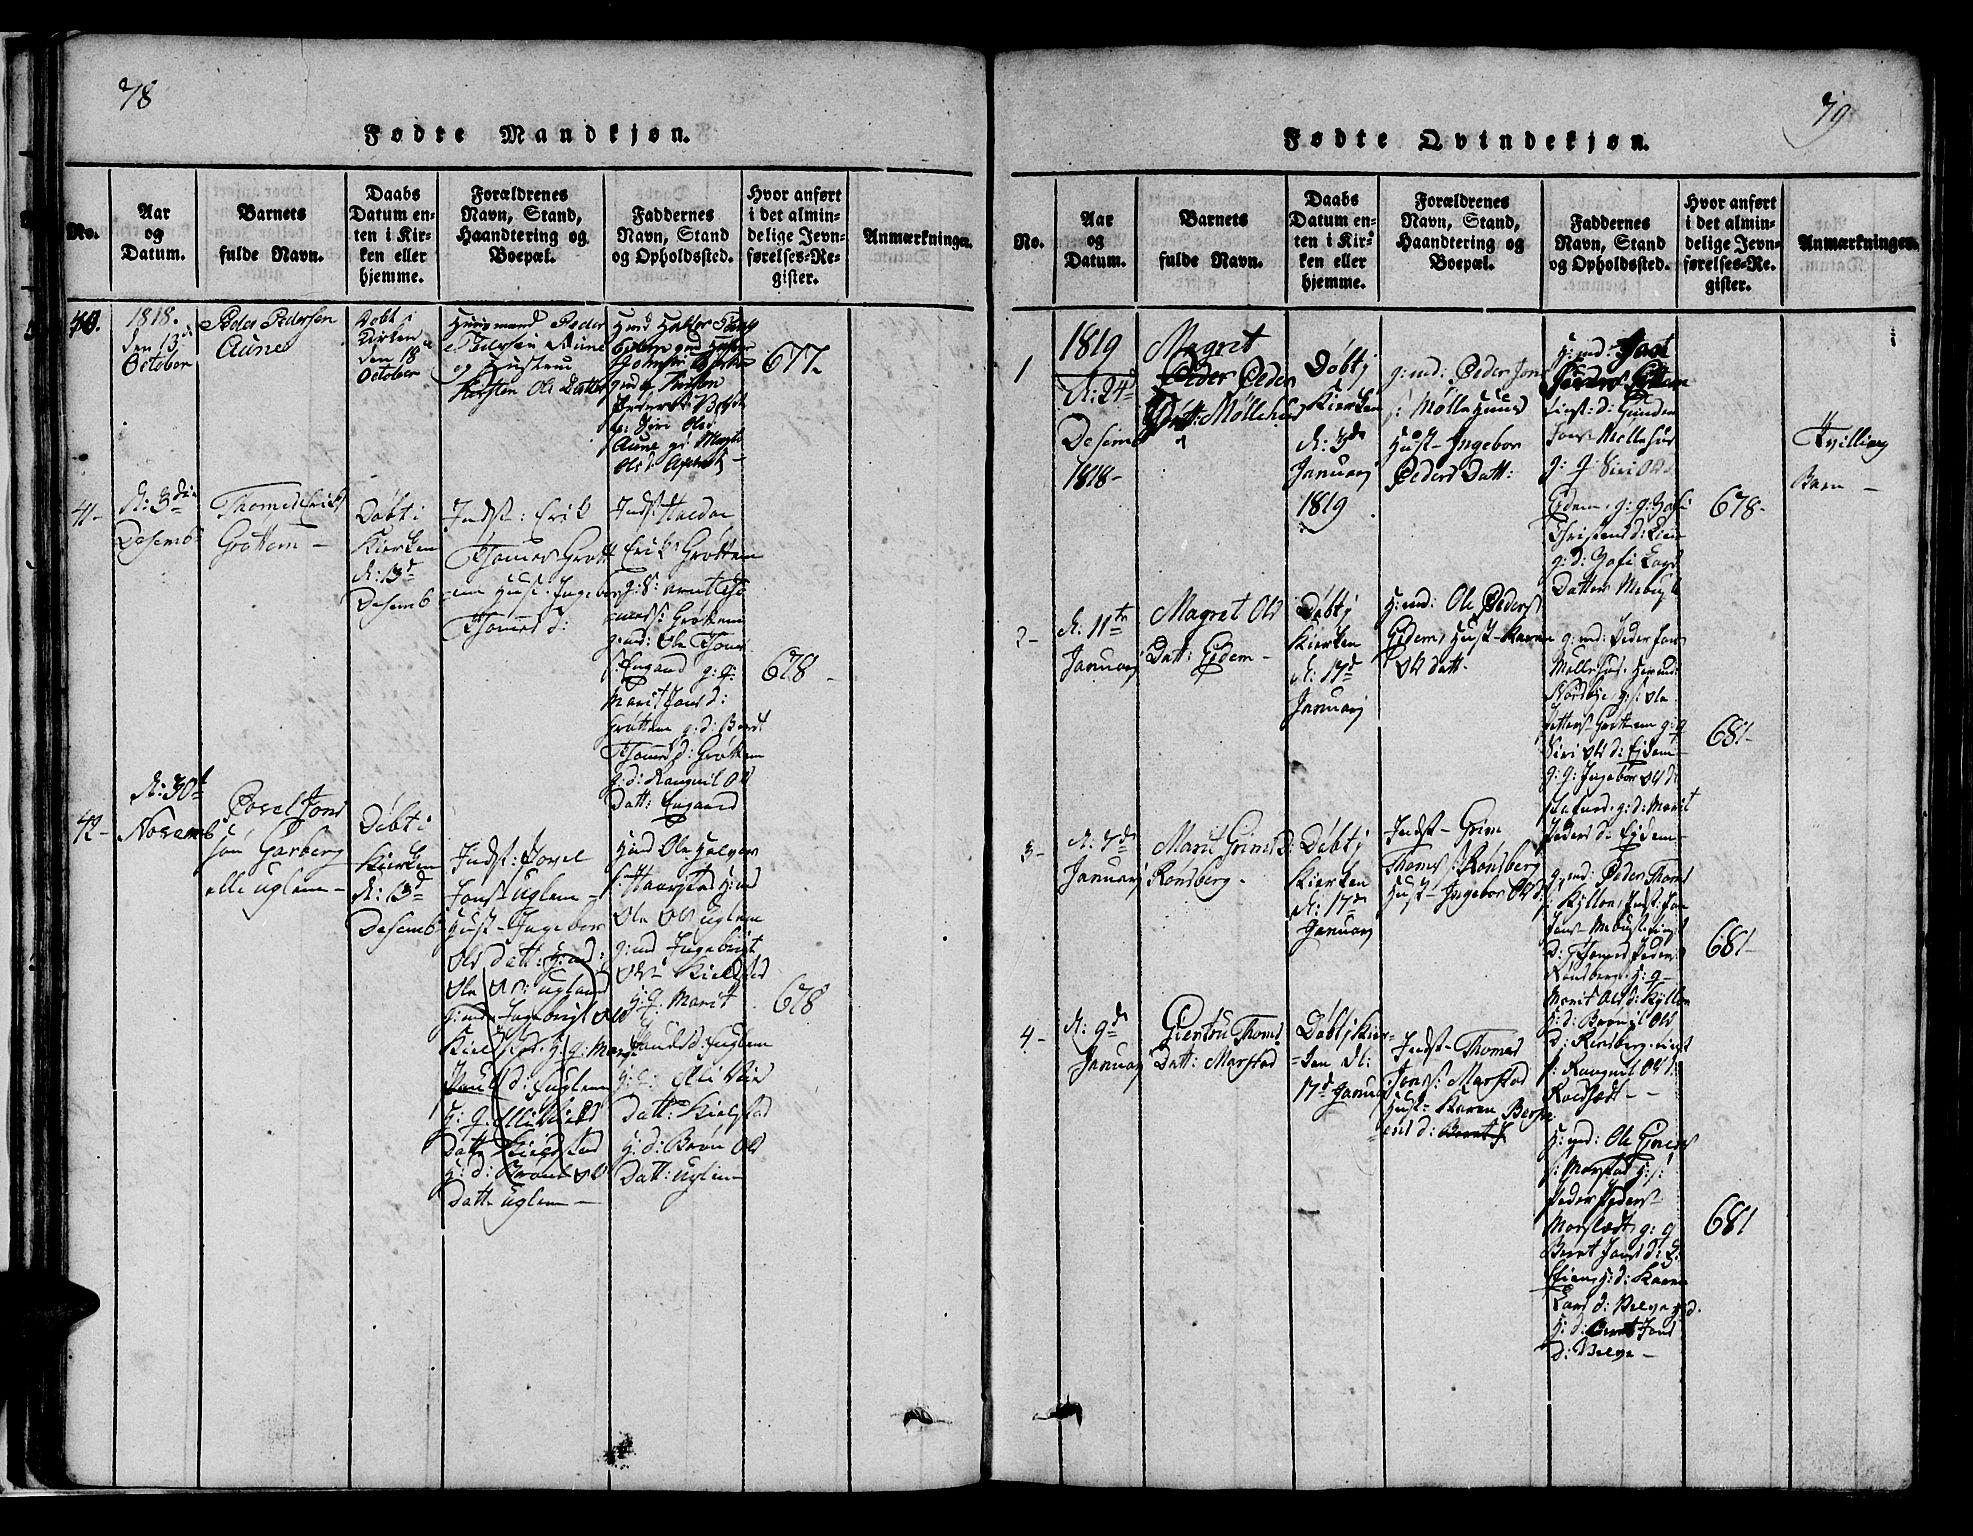 SAT, Ministerialprotokoller, klokkerbøker og fødselsregistre - Sør-Trøndelag, 695/L1152: Klokkerbok nr. 695C03, 1816-1831, s. 78-79